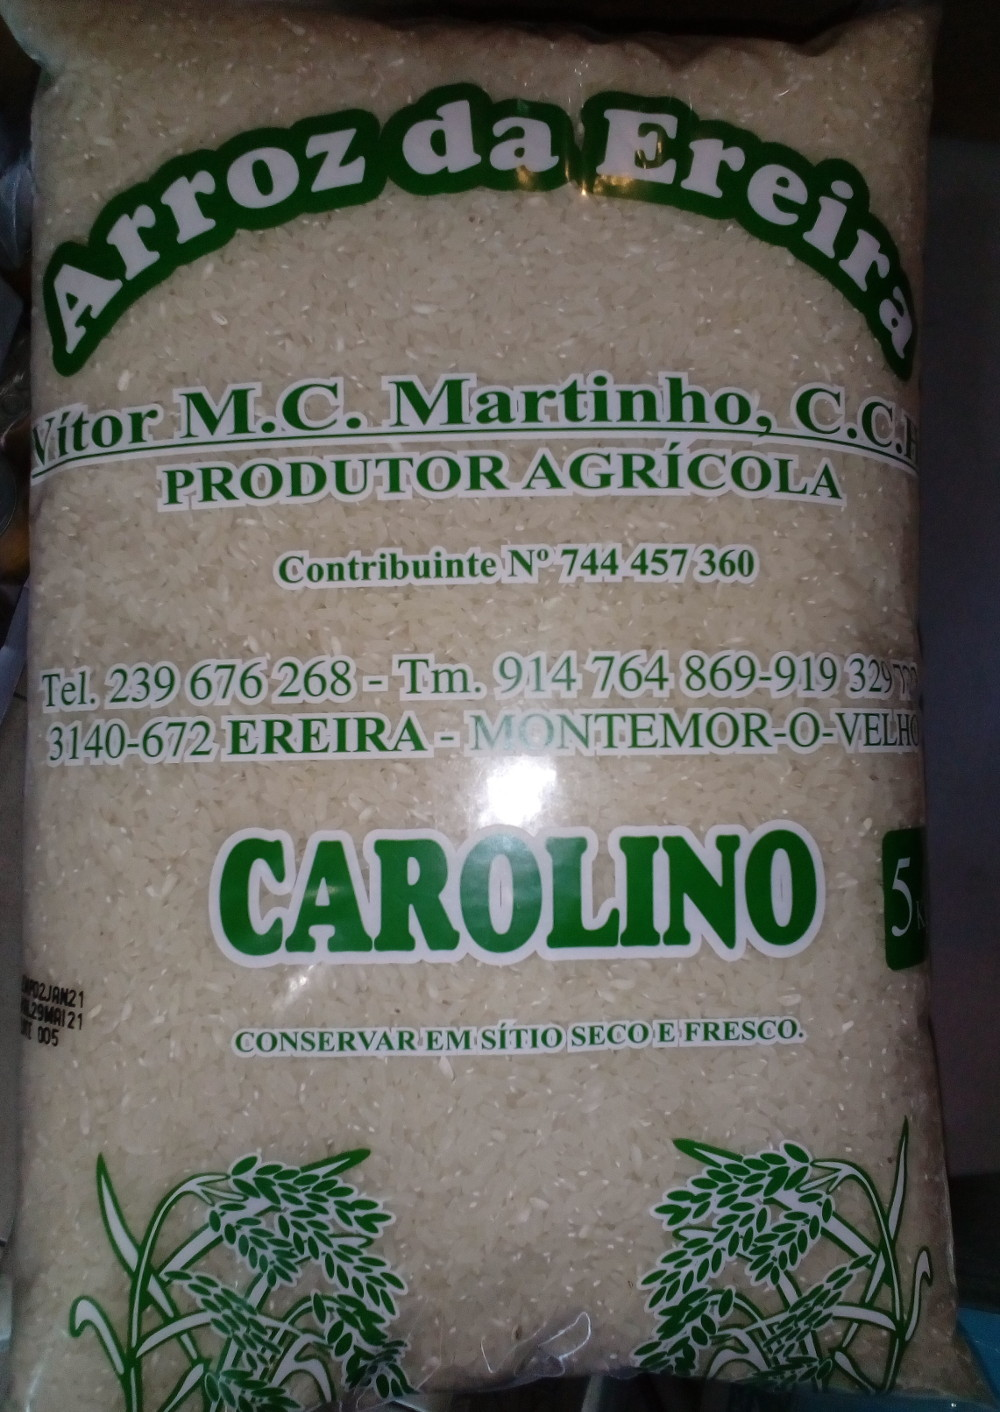 Arroz carolino do Mondego 5Kg